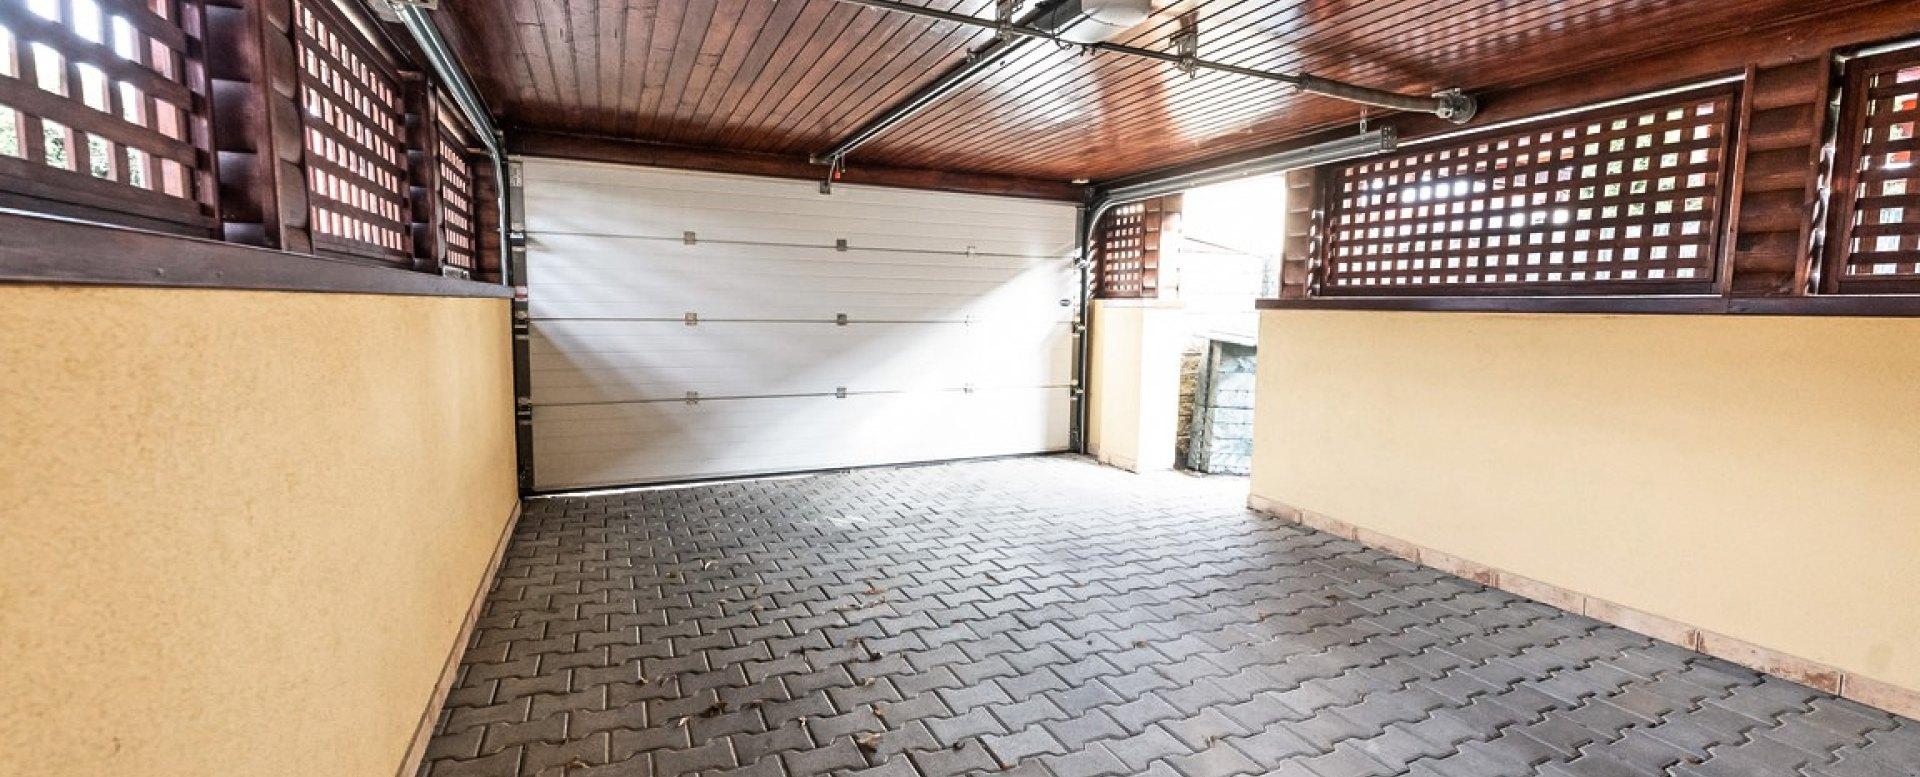 prístrešok pre autá s garážovou bránou